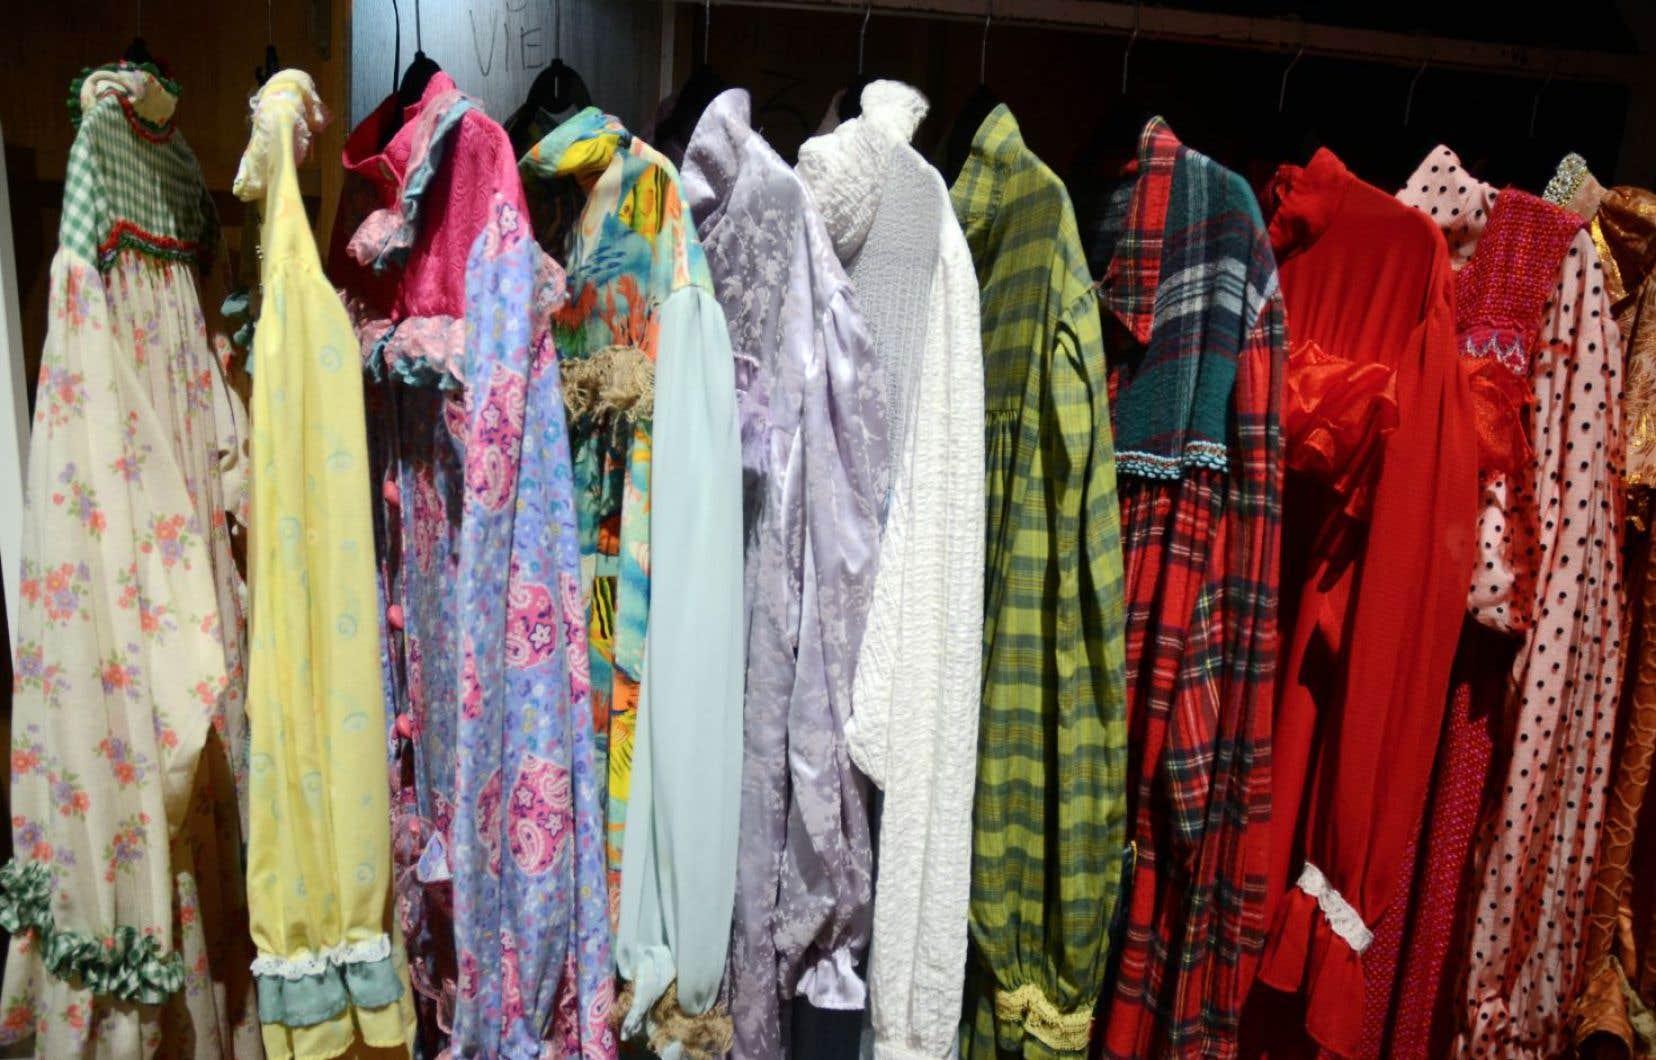 Une collection de jaquettes portées par le personnage de Môman dans l'émission La petite vie, à voir une dernière fois au Musée québécois de la culture populaire.